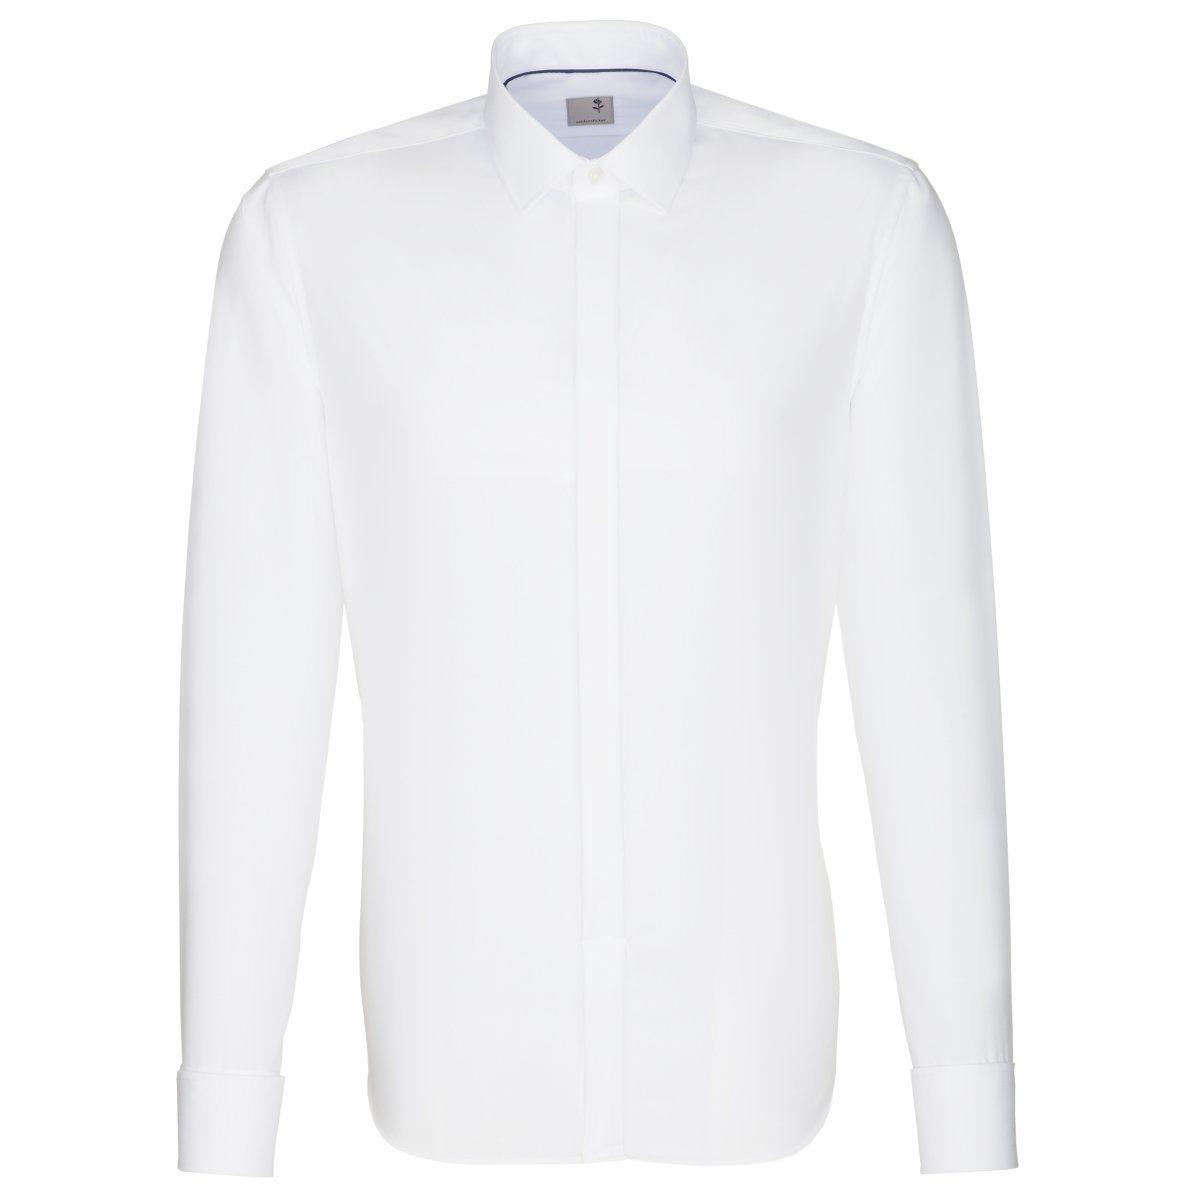 Herren seidensticker Businesshemd Tailored weiß | 04048869179525